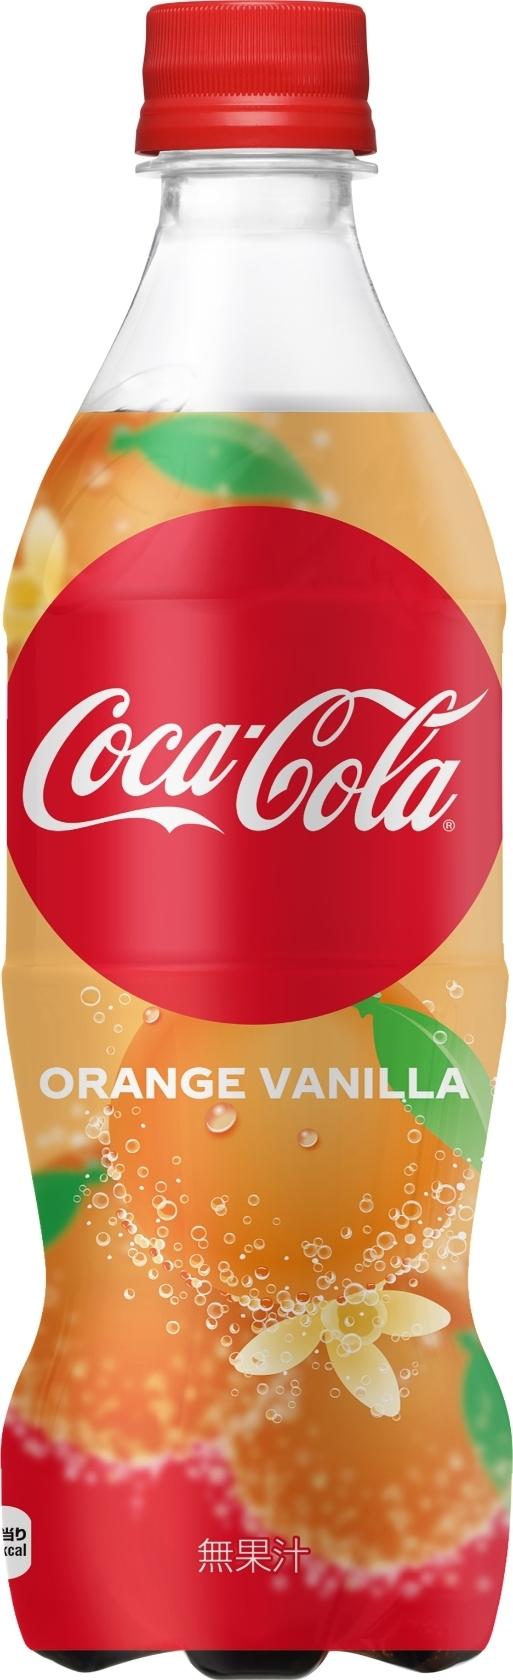 コカ・コーラ コカ・コーラ オレンジバニラ ペット500ml